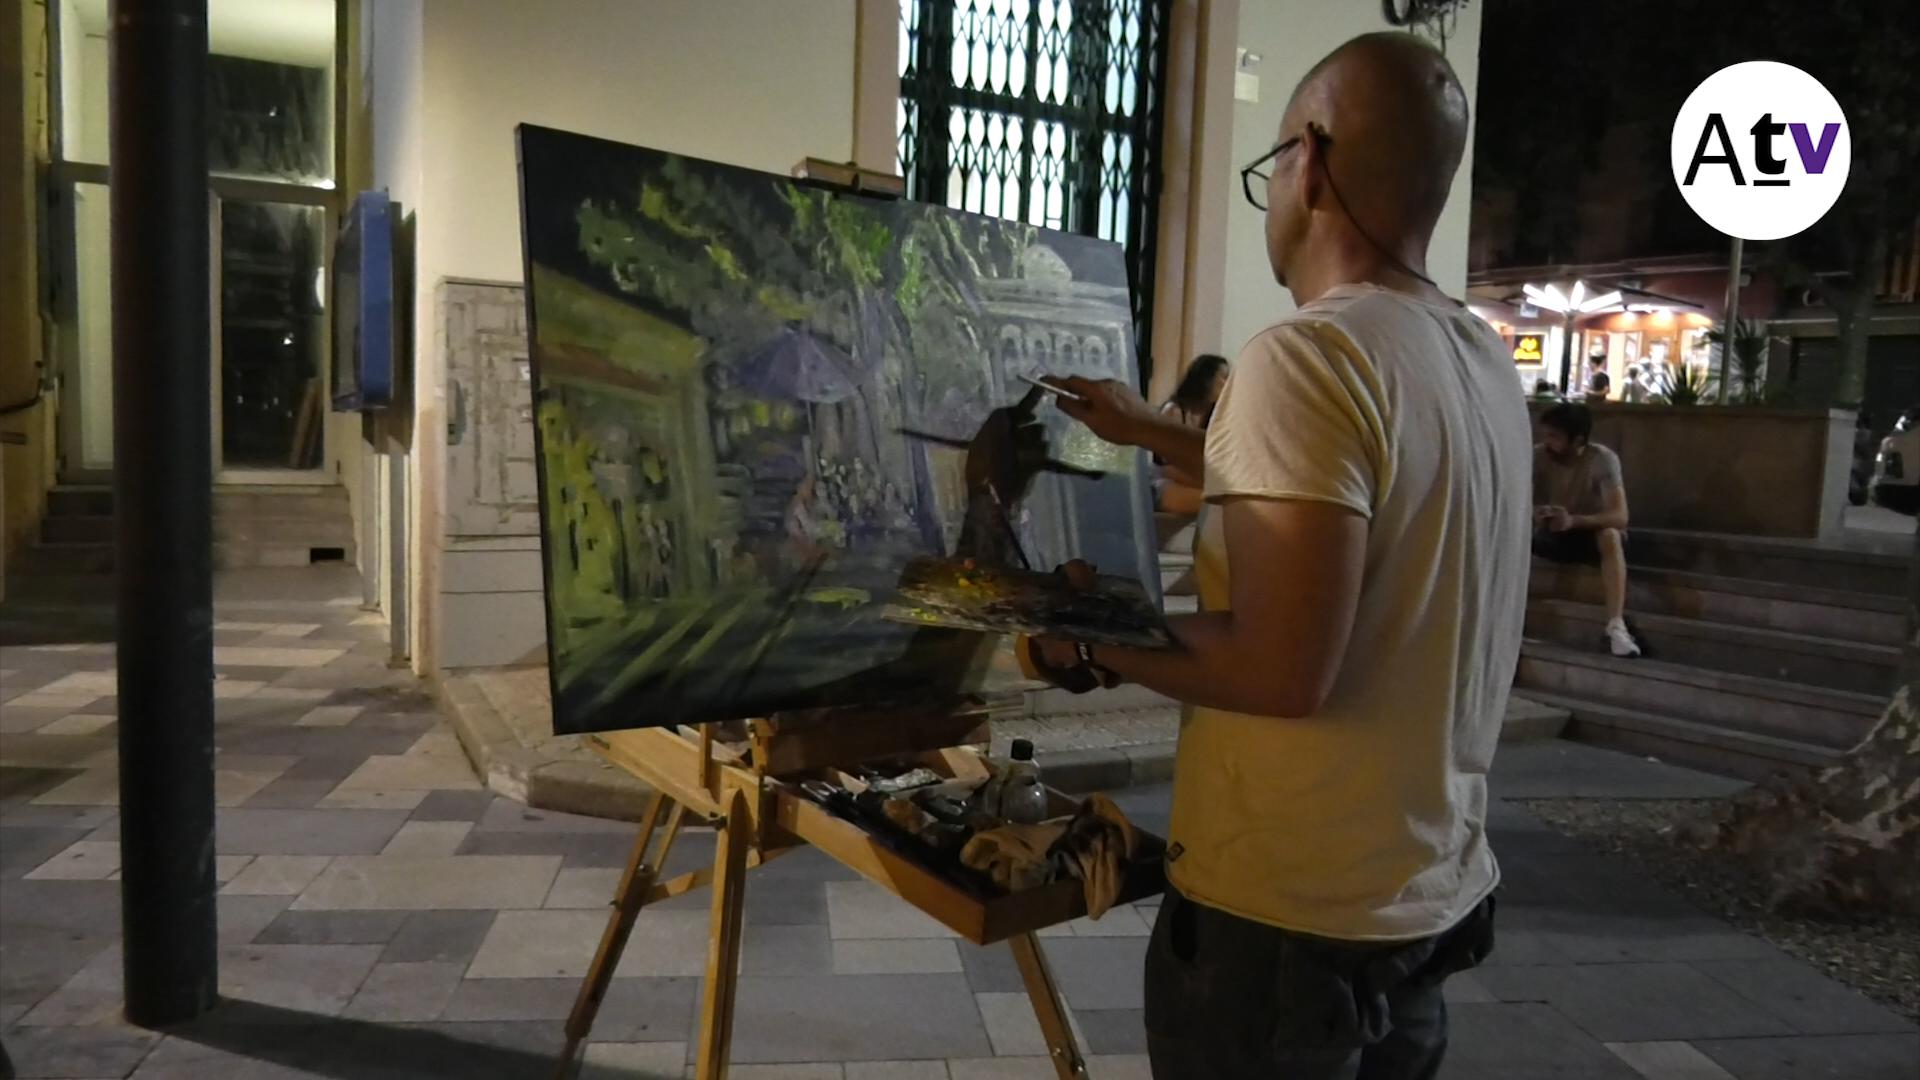 NOU REPORTATGE: Quaranta artistes van pintar indrets del poble en la 15ena Nit Bruixa